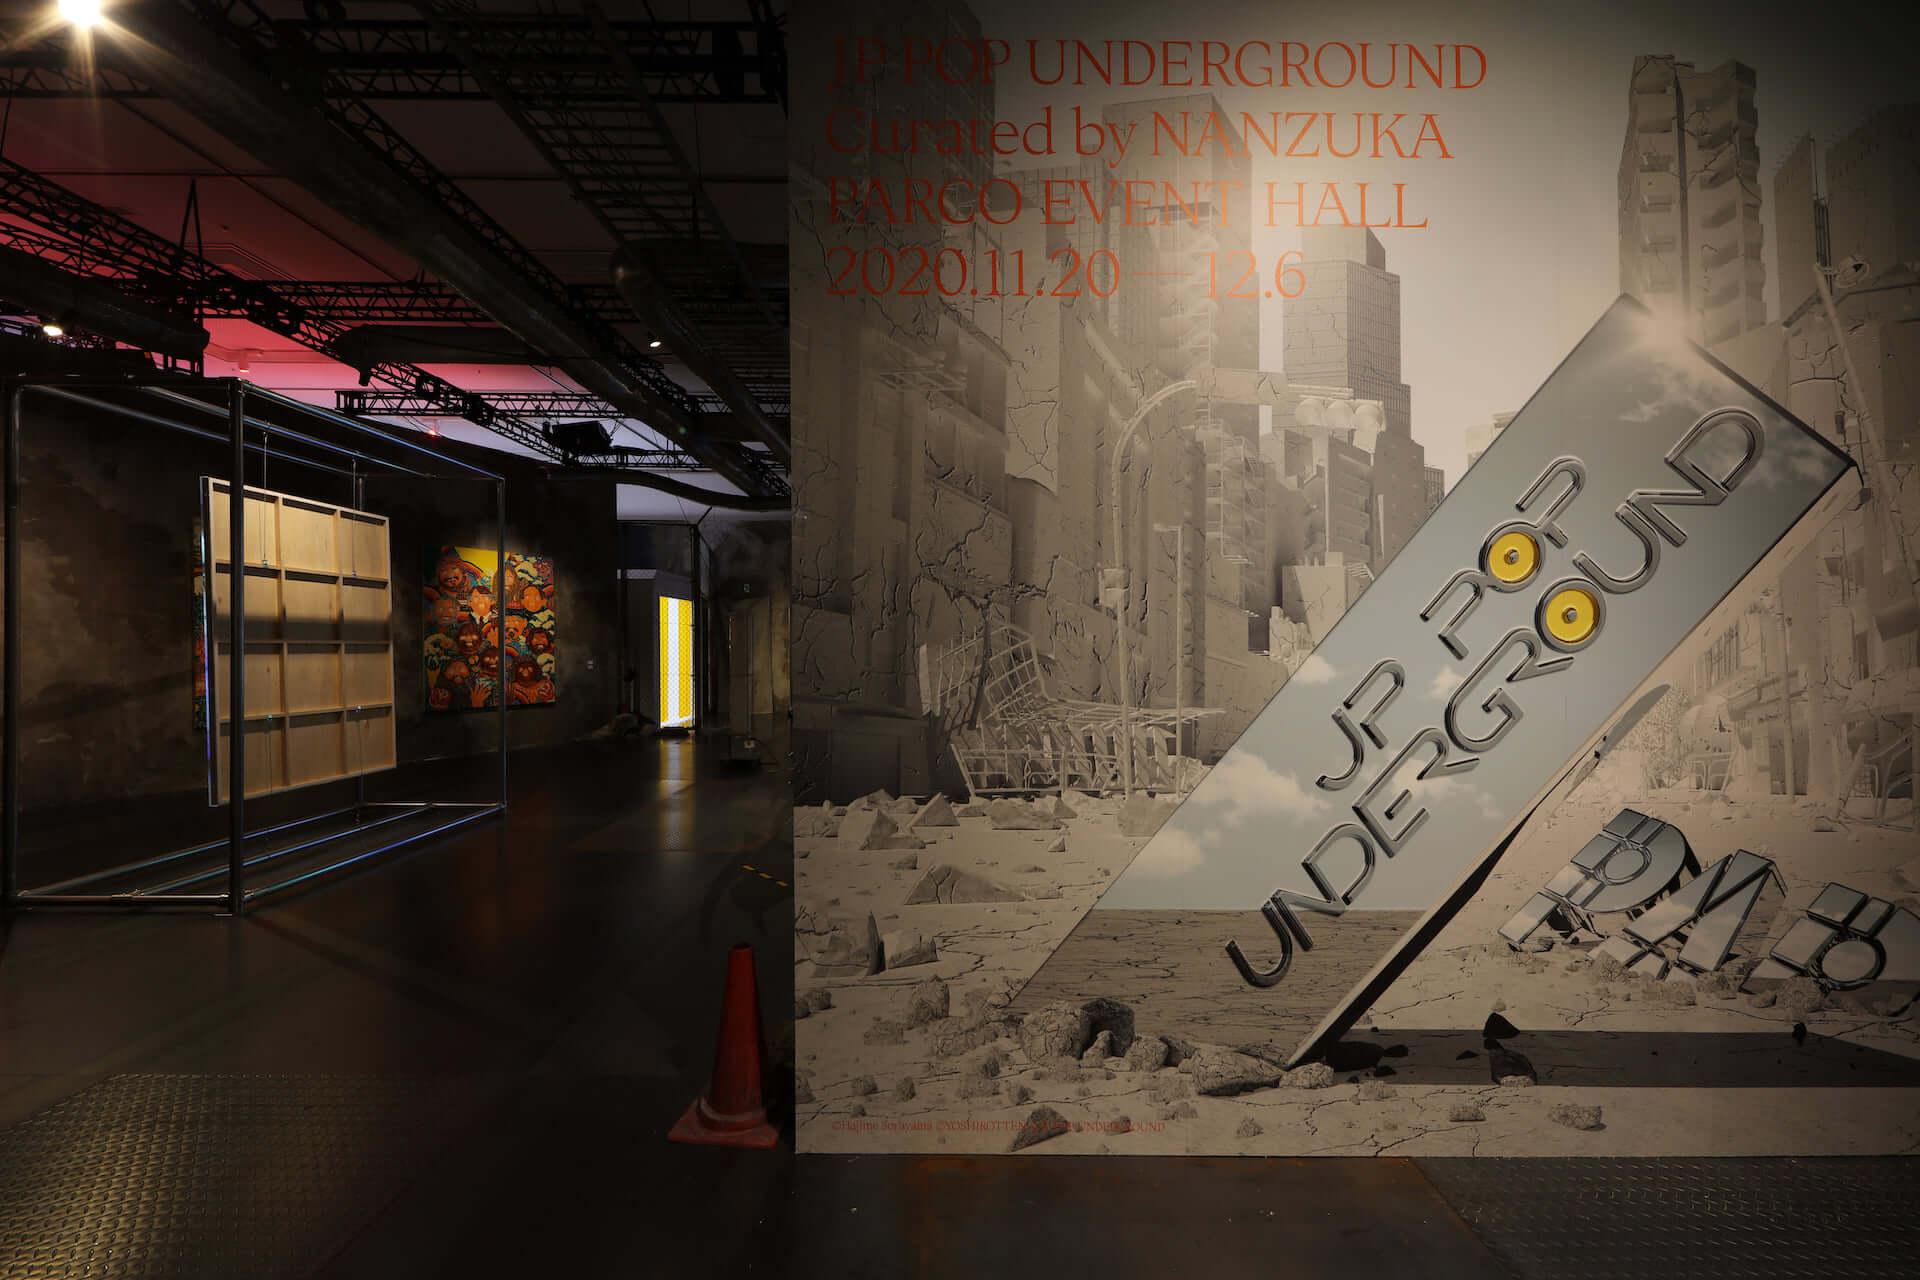 NANZUKAがキュレーションするグループ展<JP POP UNDERGROUND>が心斎橋PARCOにて開催中!田名網敬一、山口はるみ、YOSHIROTTENらが参加 art201125_nanzuka-jpu_1-1920x1280